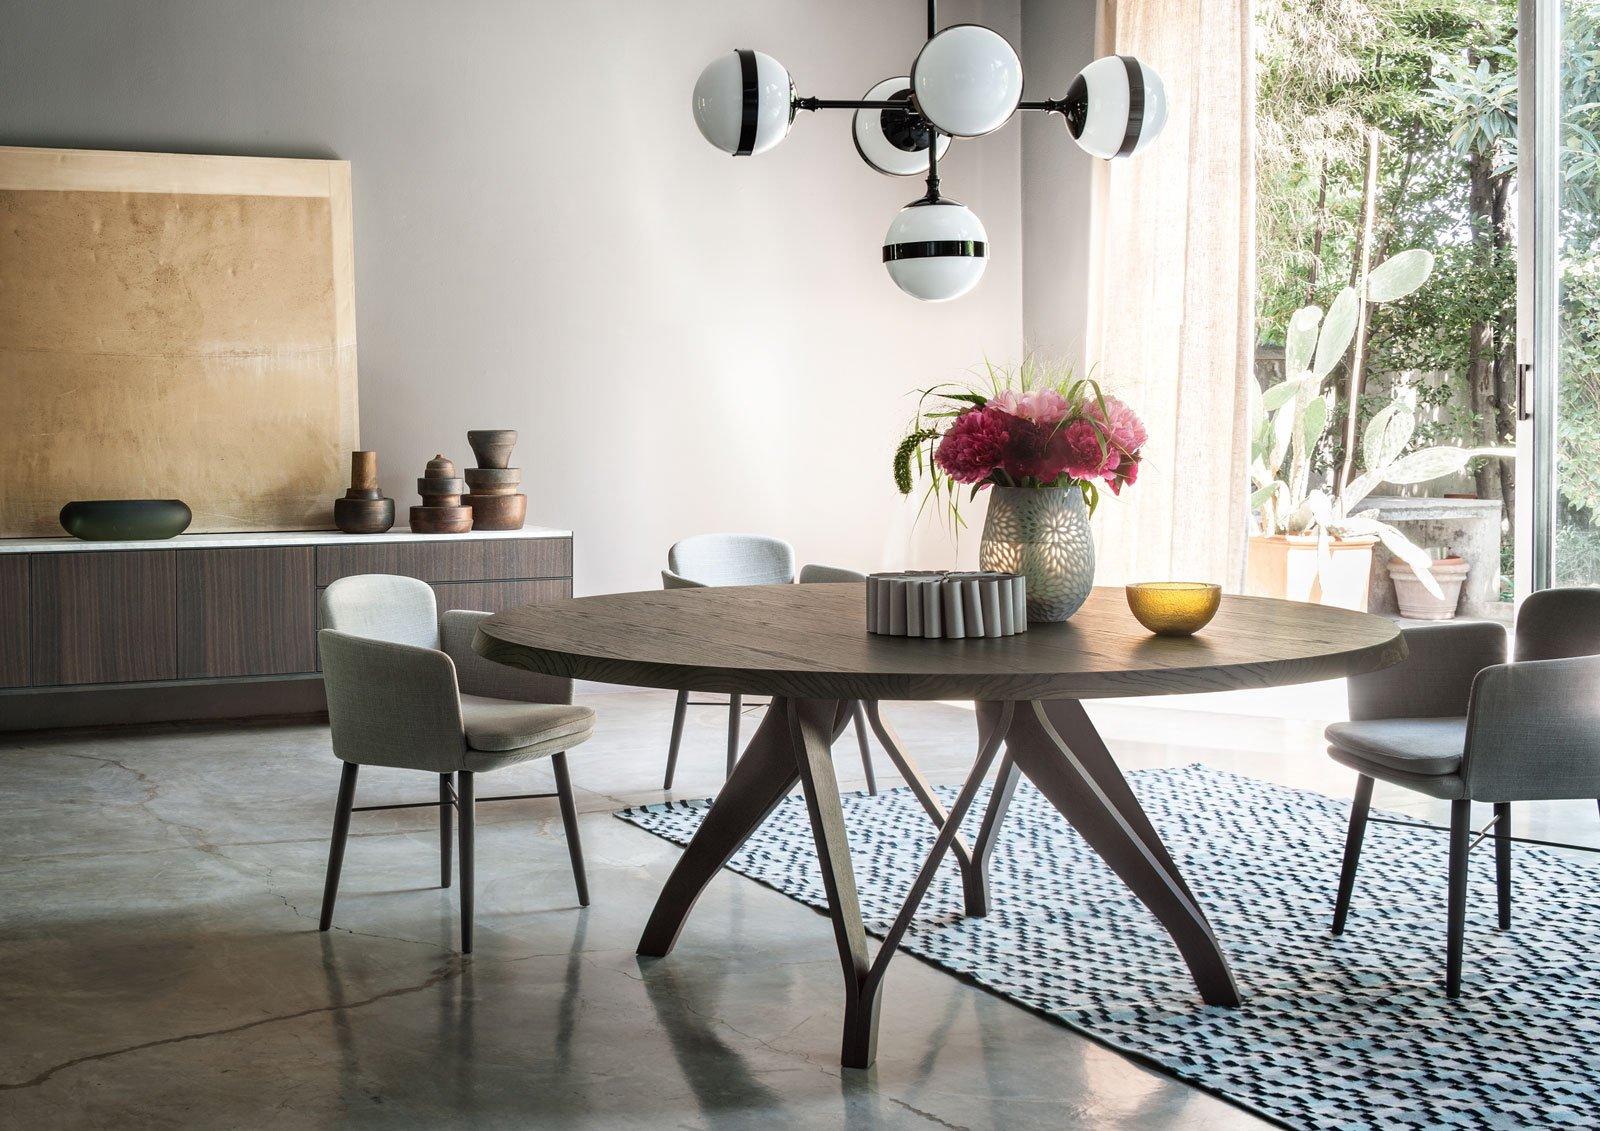 Tavoli grandi le soluzioni lema perfette per i pranzi - Basi per lampade da tavolo in legno ...